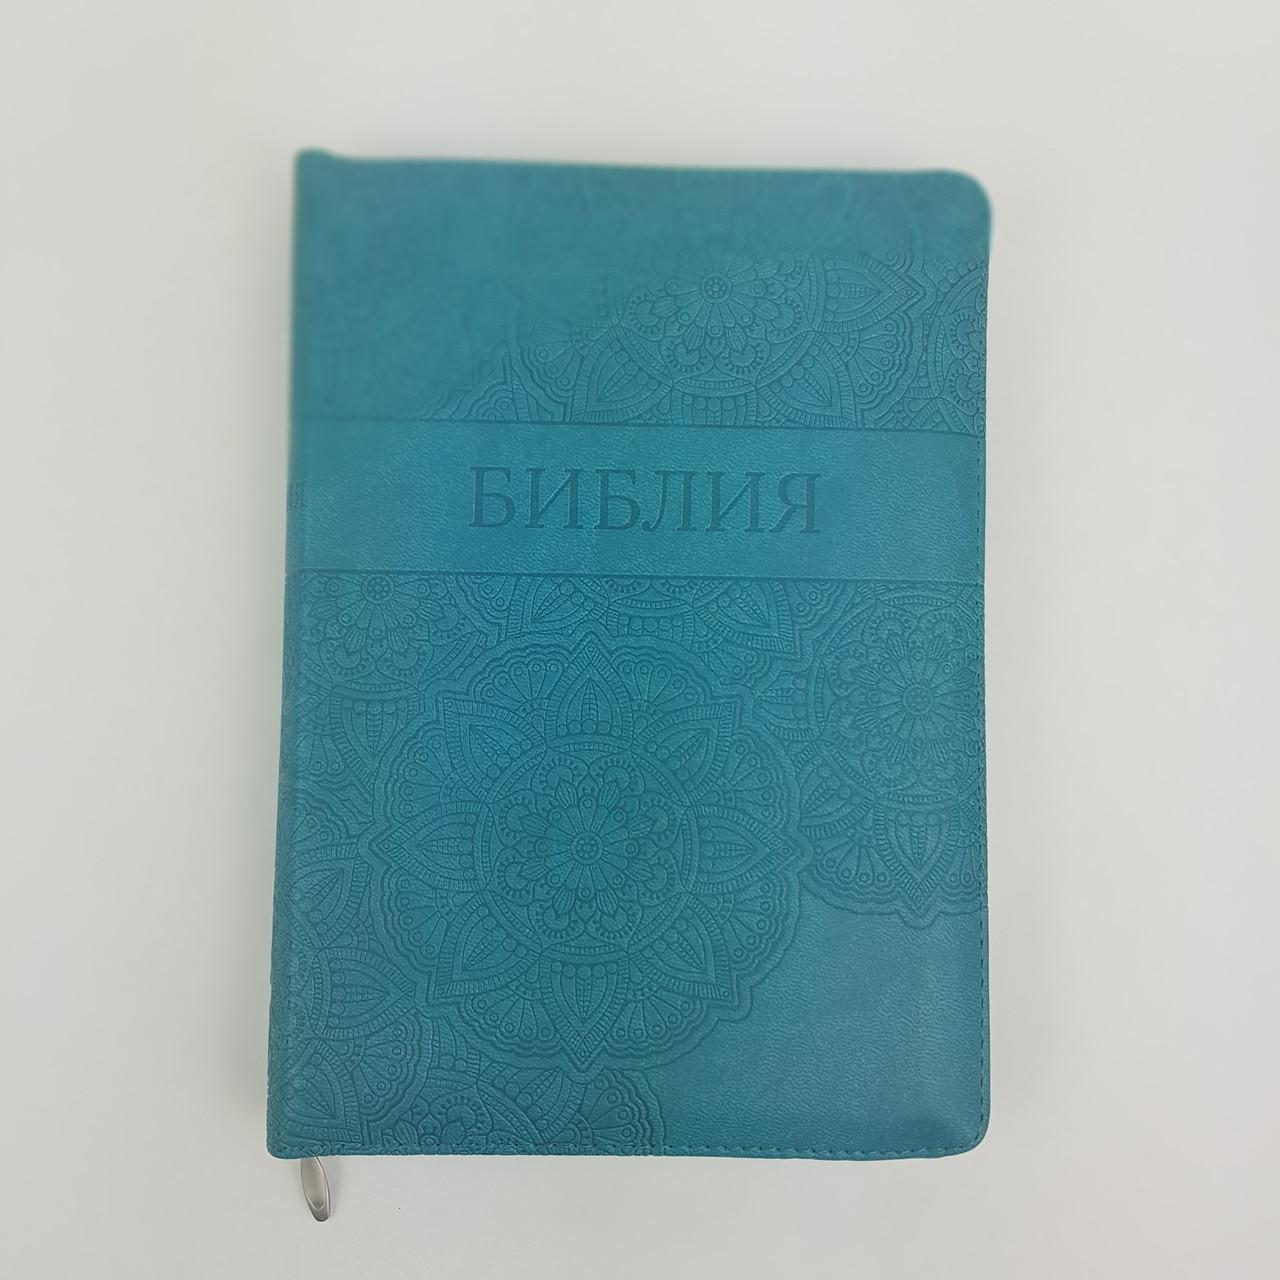 Библия каноническая: кожзам, молния, серебристый обрез, метки, размер 15х20 см